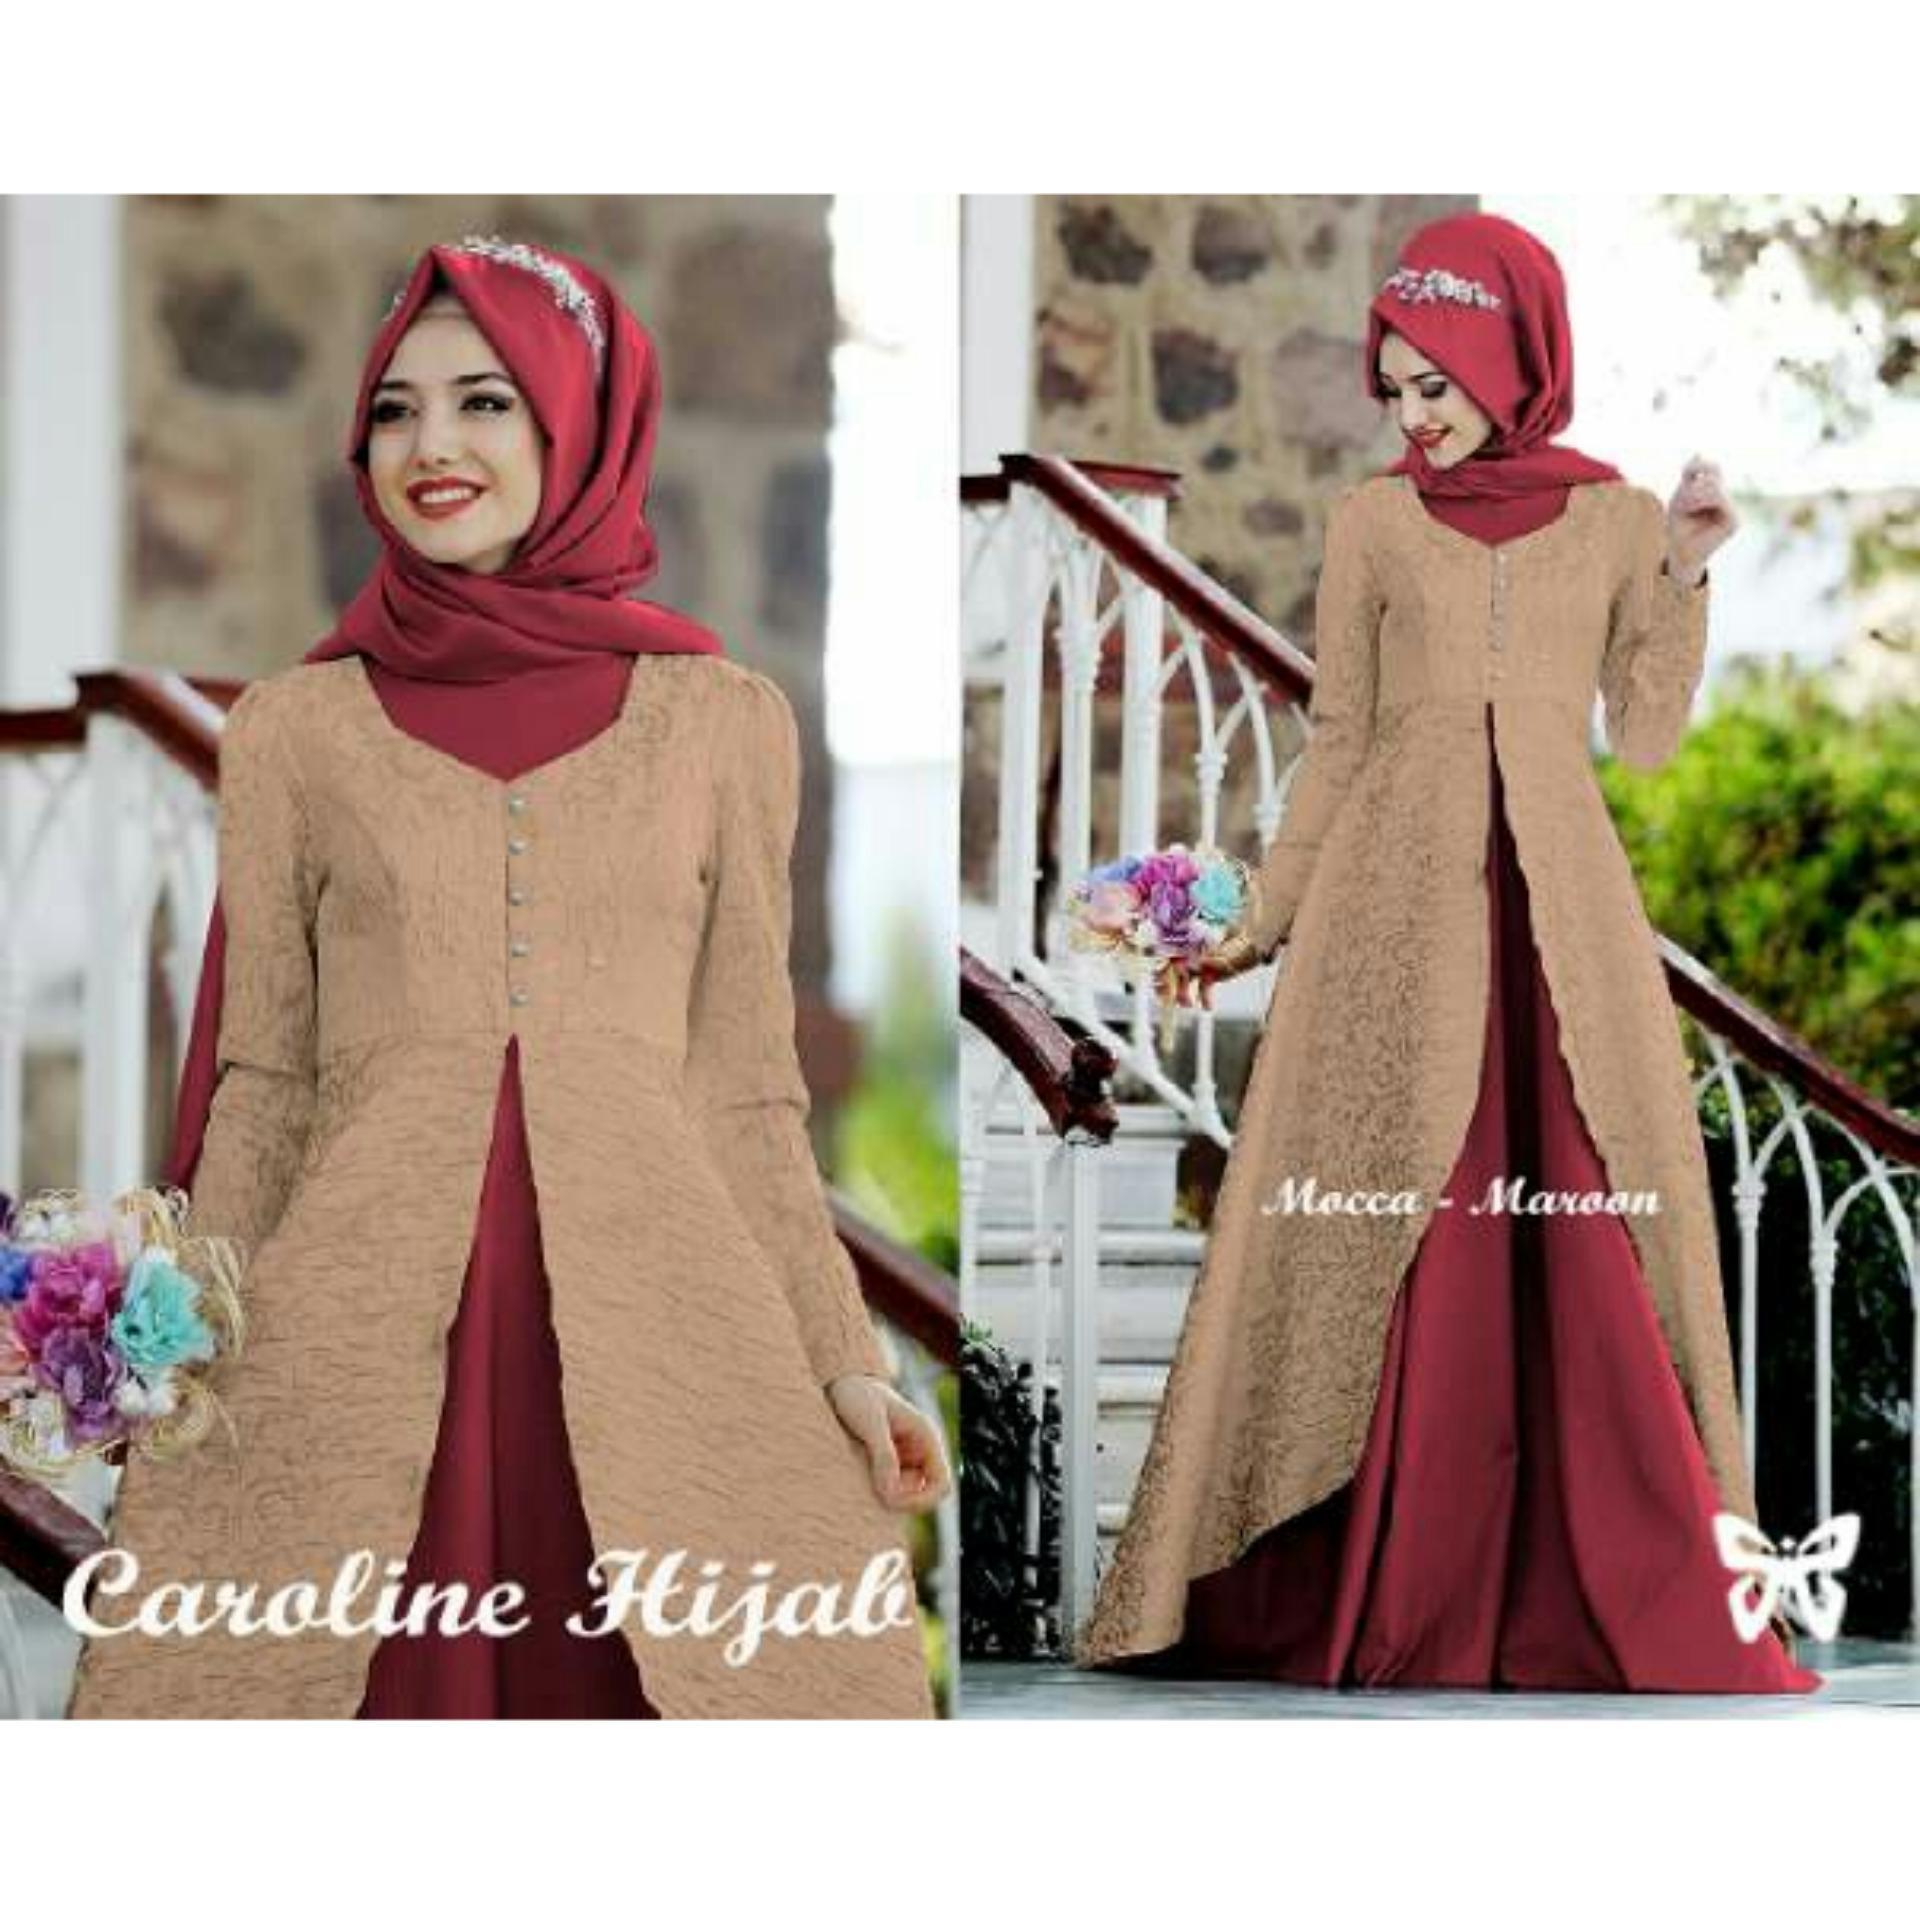 Ladies Fashion Kebaya Cantika / Gamis Muslimah / Hijab Syari Syar'i / Jilbab Muslim